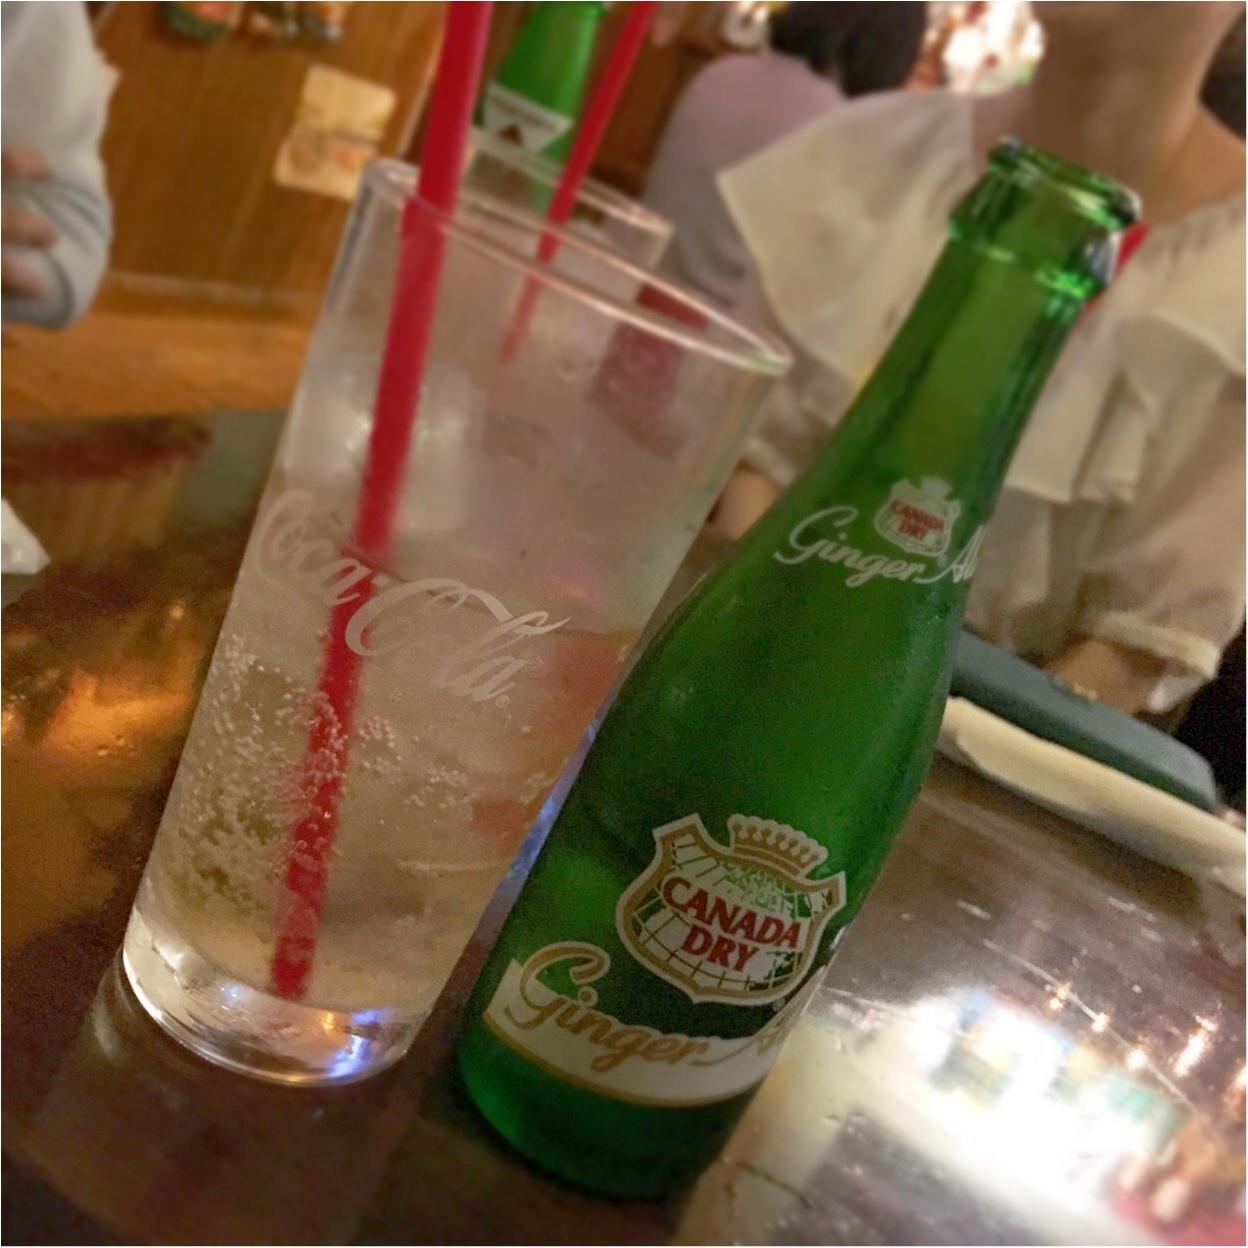 《*Cafe*》知る人ぞ知るパンケーキ専門店【Cafe Matilda】に行ってきました☆★_5